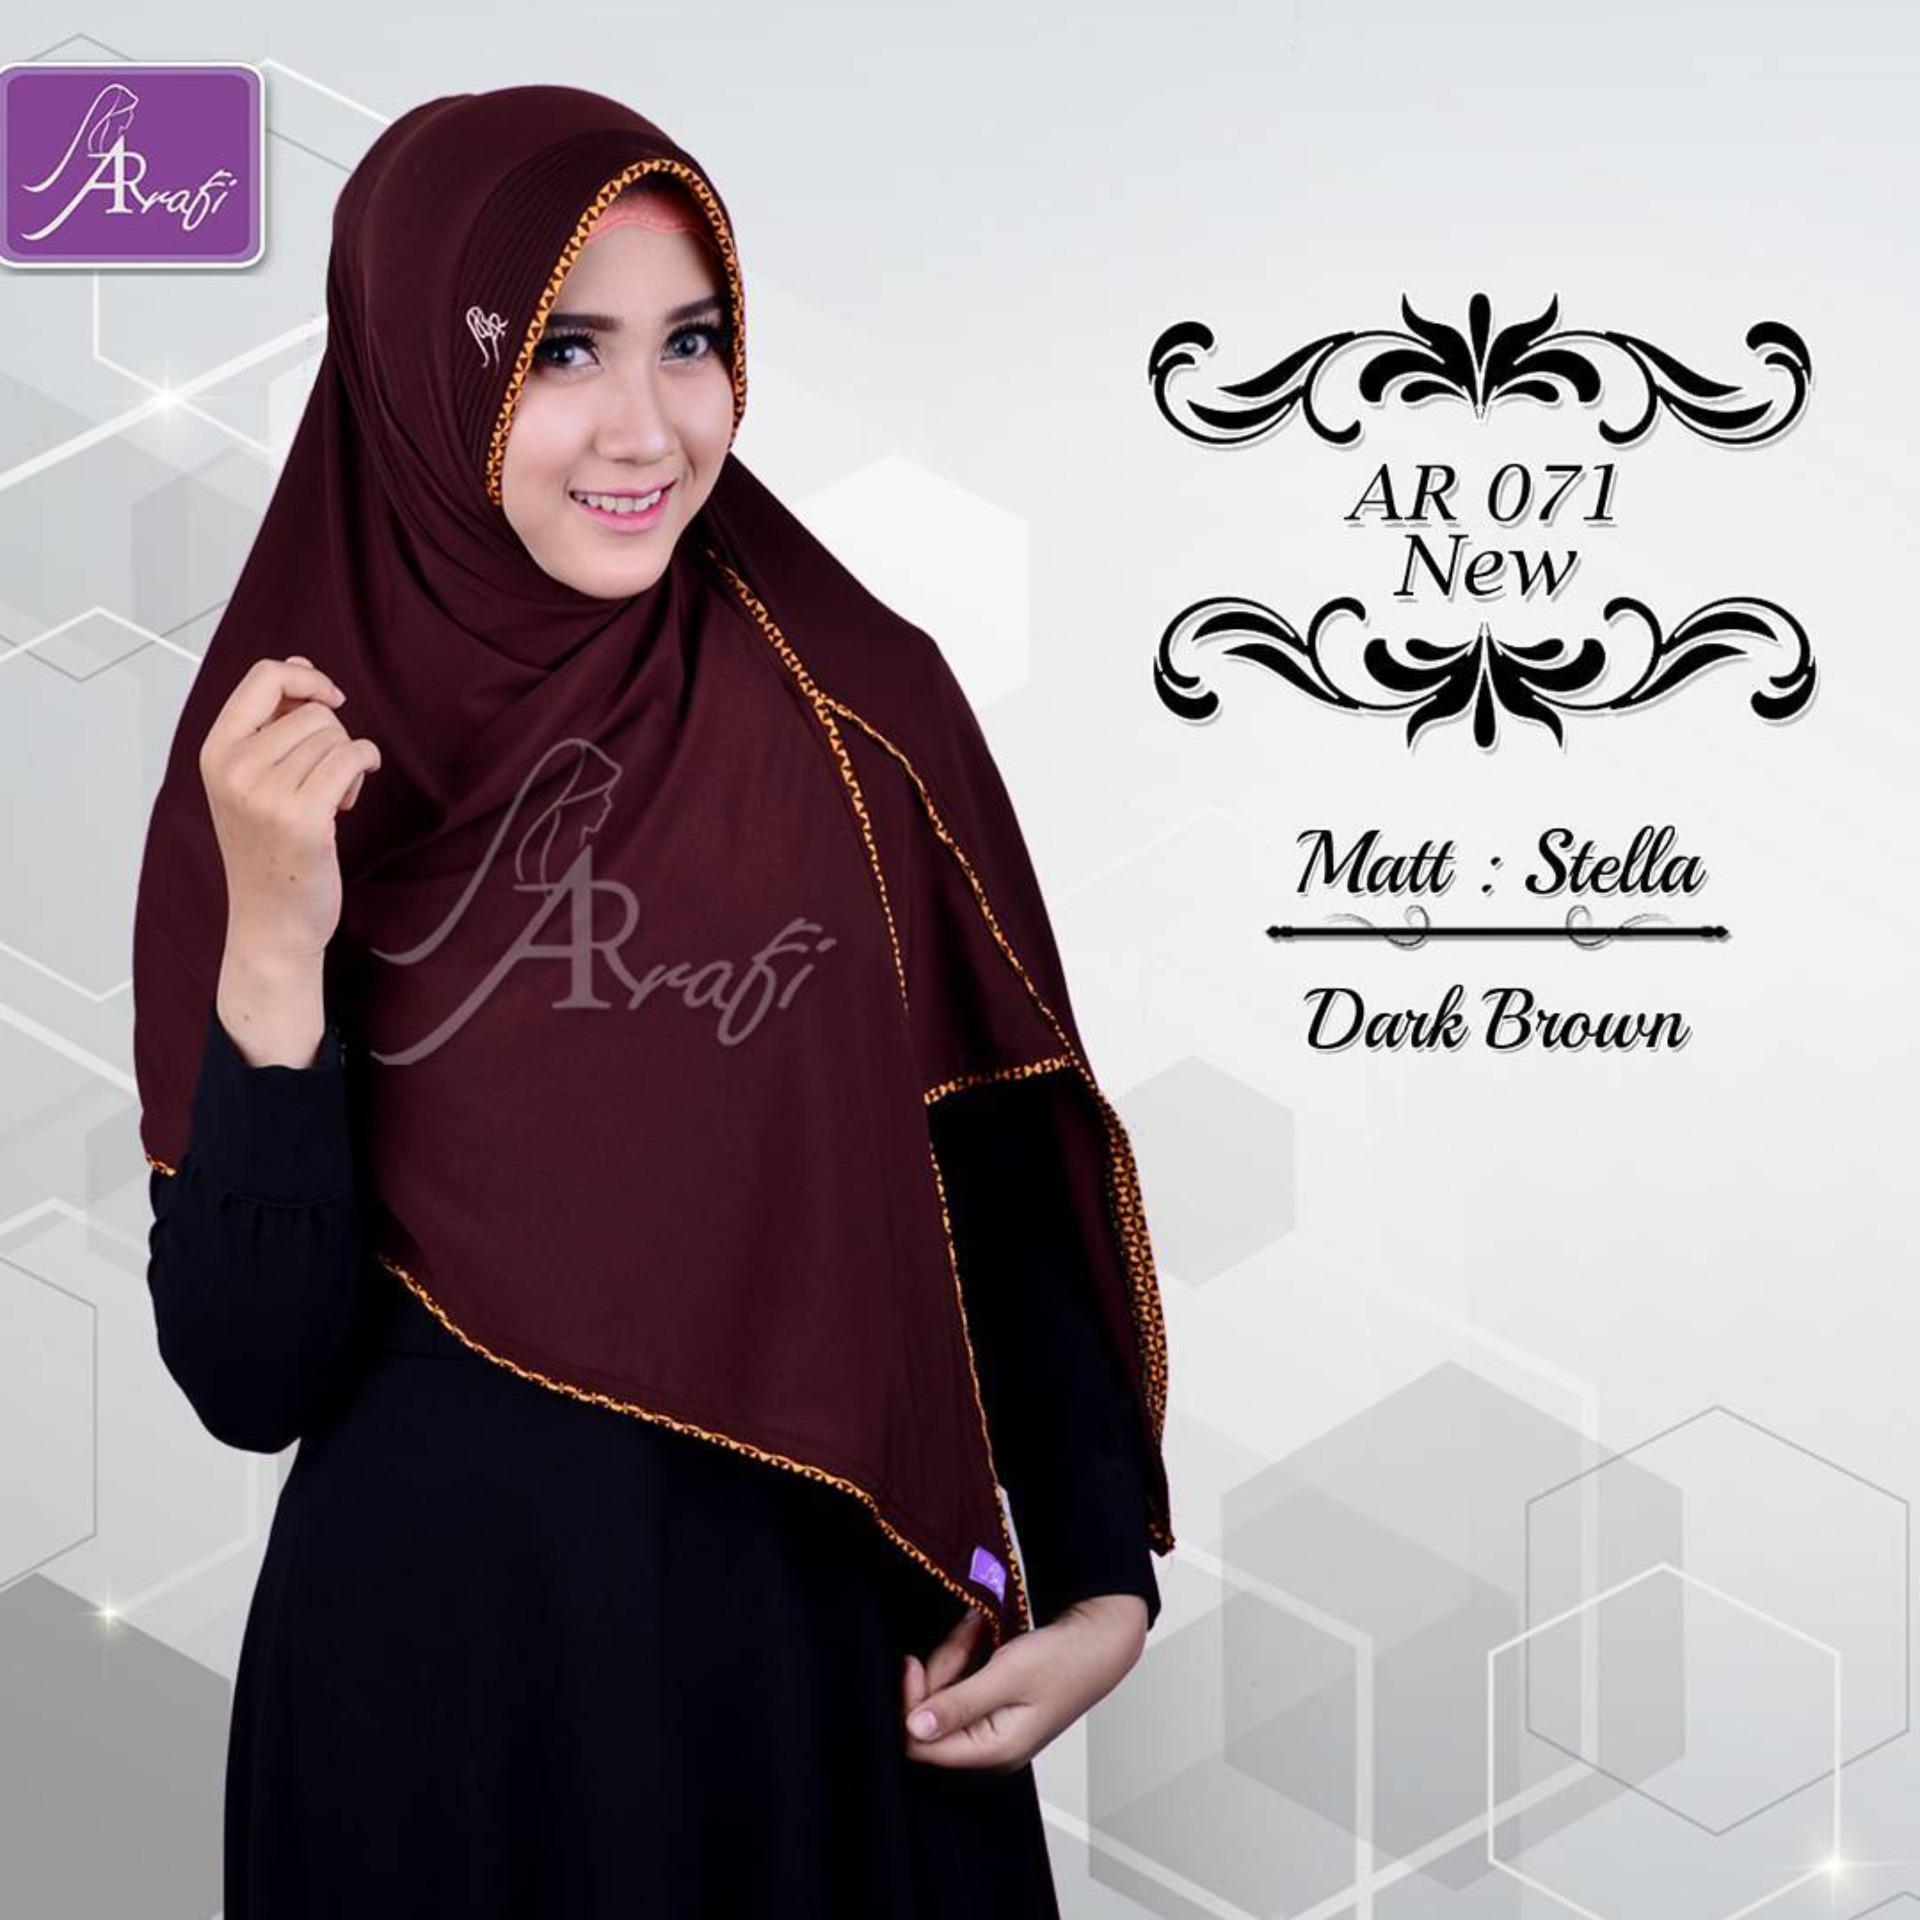 Spesifikasi Hijab Instan Arrafi Veena Warna Dark Brown Ar71N Kerudung Jilbab Bergo Yang Bagus Dan Murah